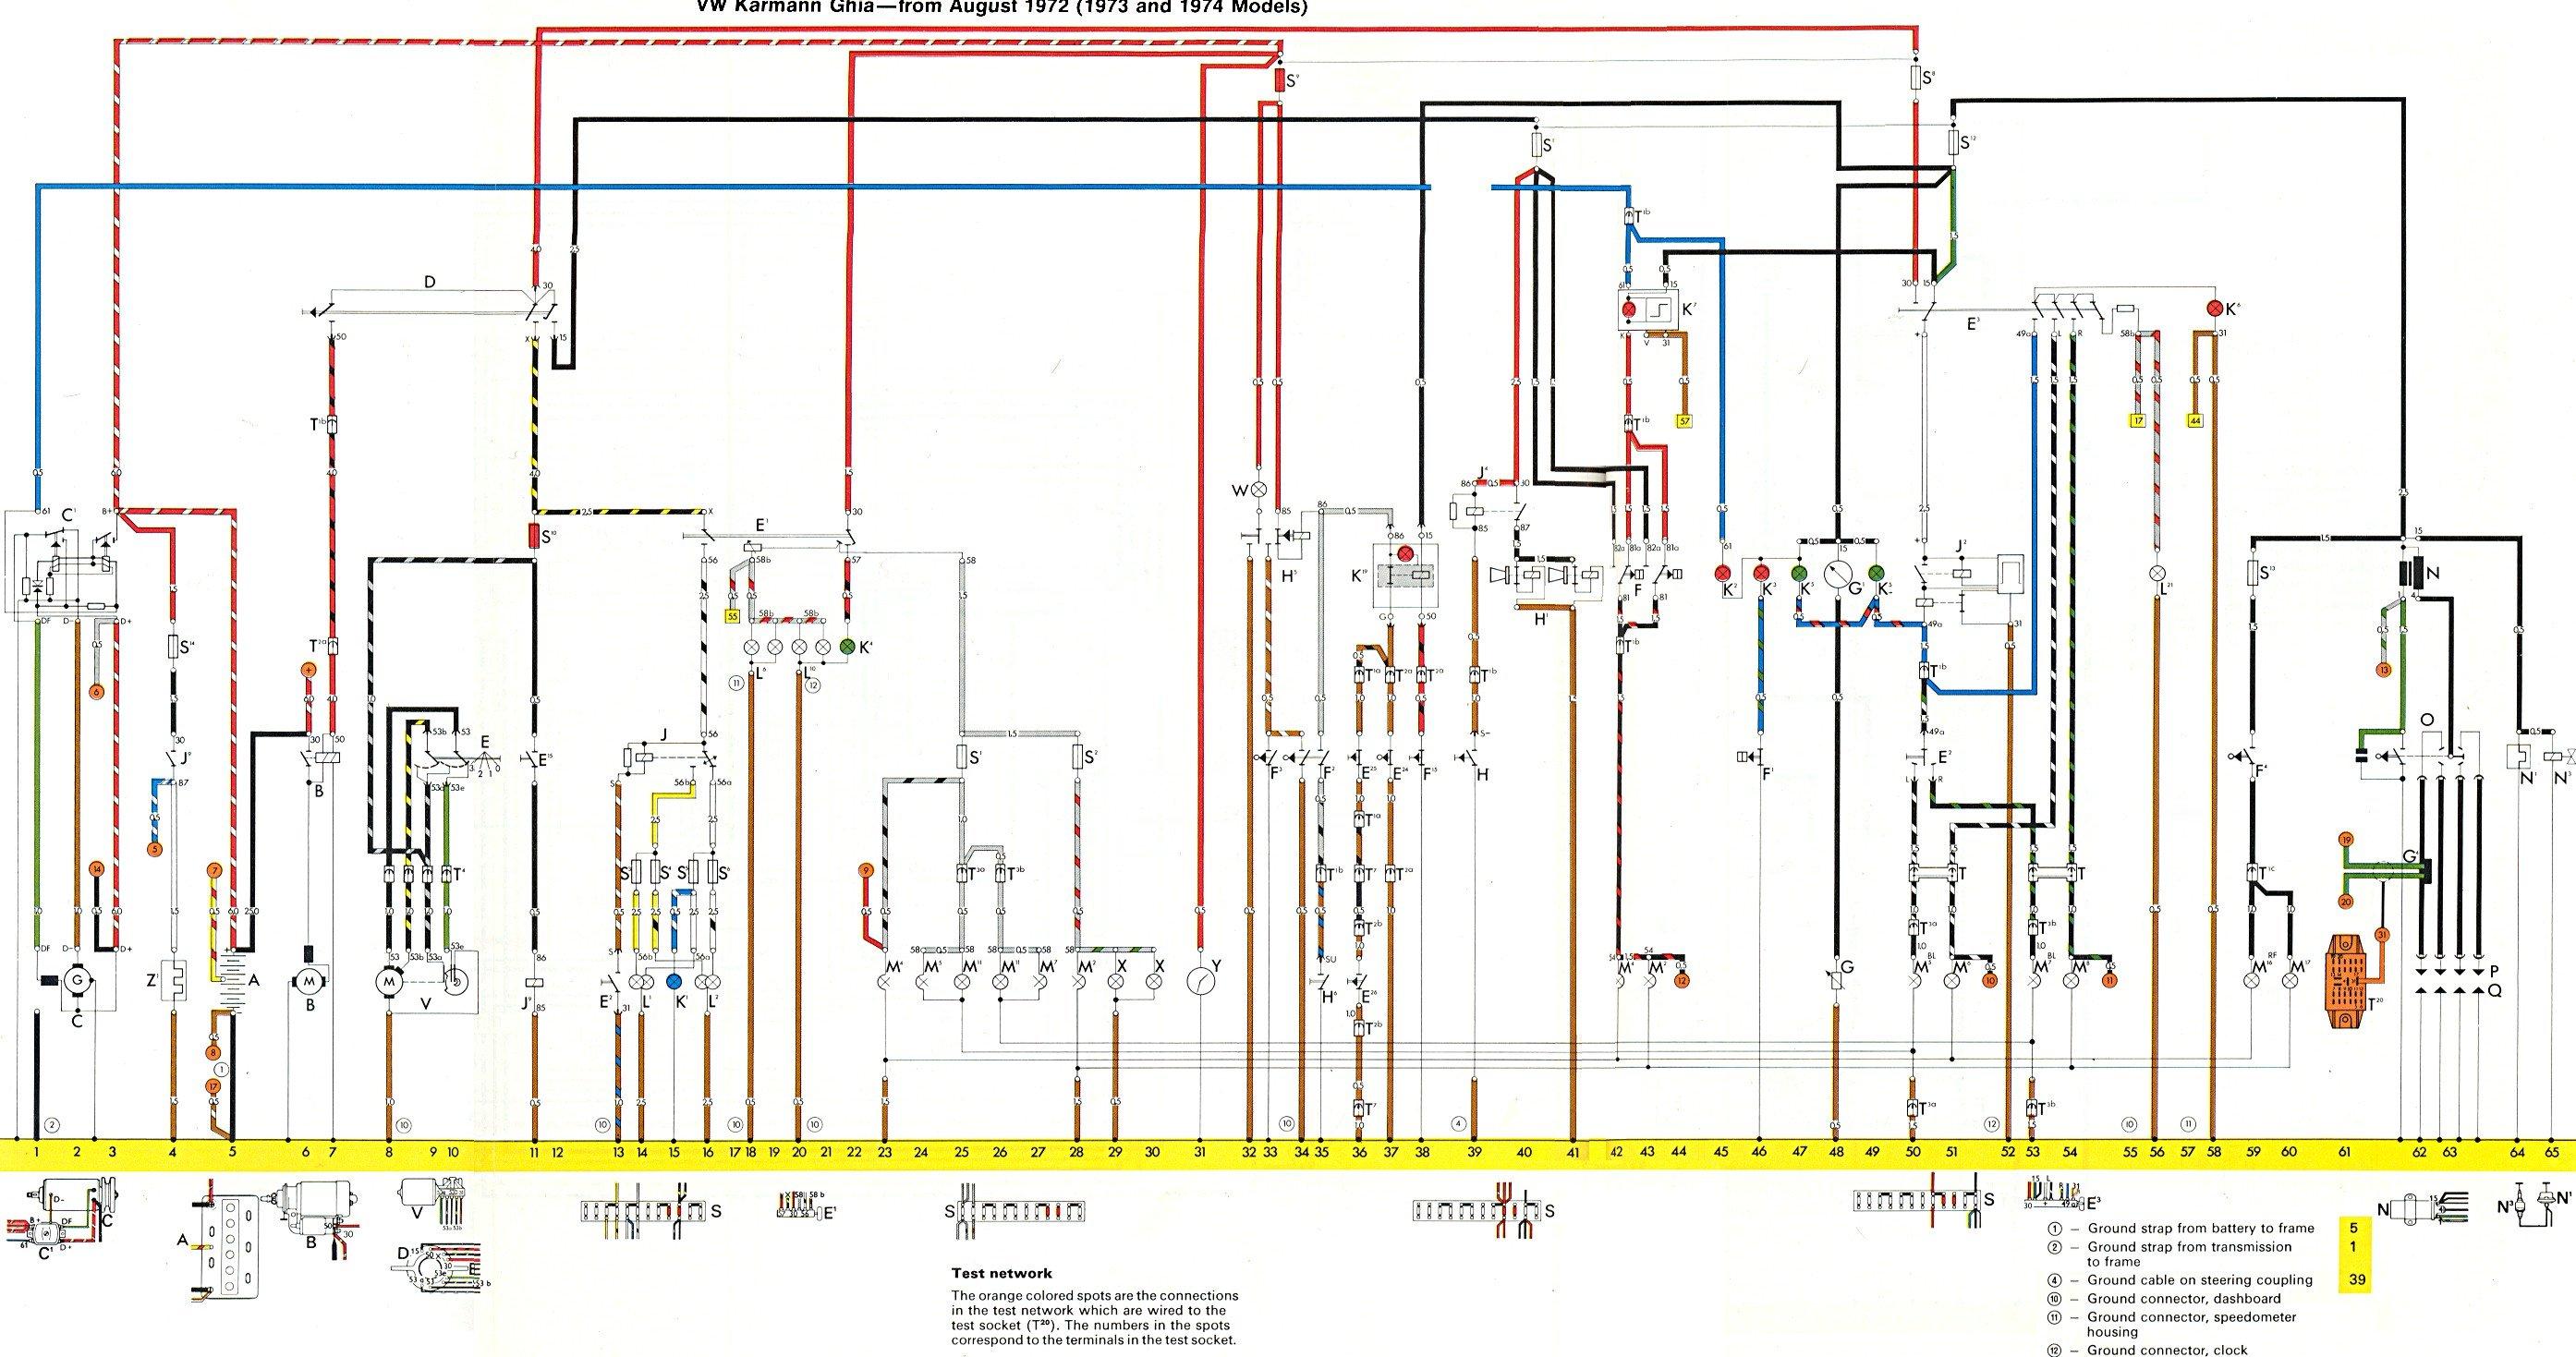 73 vw beetle wiring diagram 1973 vw beetle fuse box diagram wiring 98 Vw Beetle Fuse Diagram 1974 super beetle wiring schematic wiring diagram 73 vw beetle wiring diagram vw tech article 1962 1998 vw beetle fuse diagram